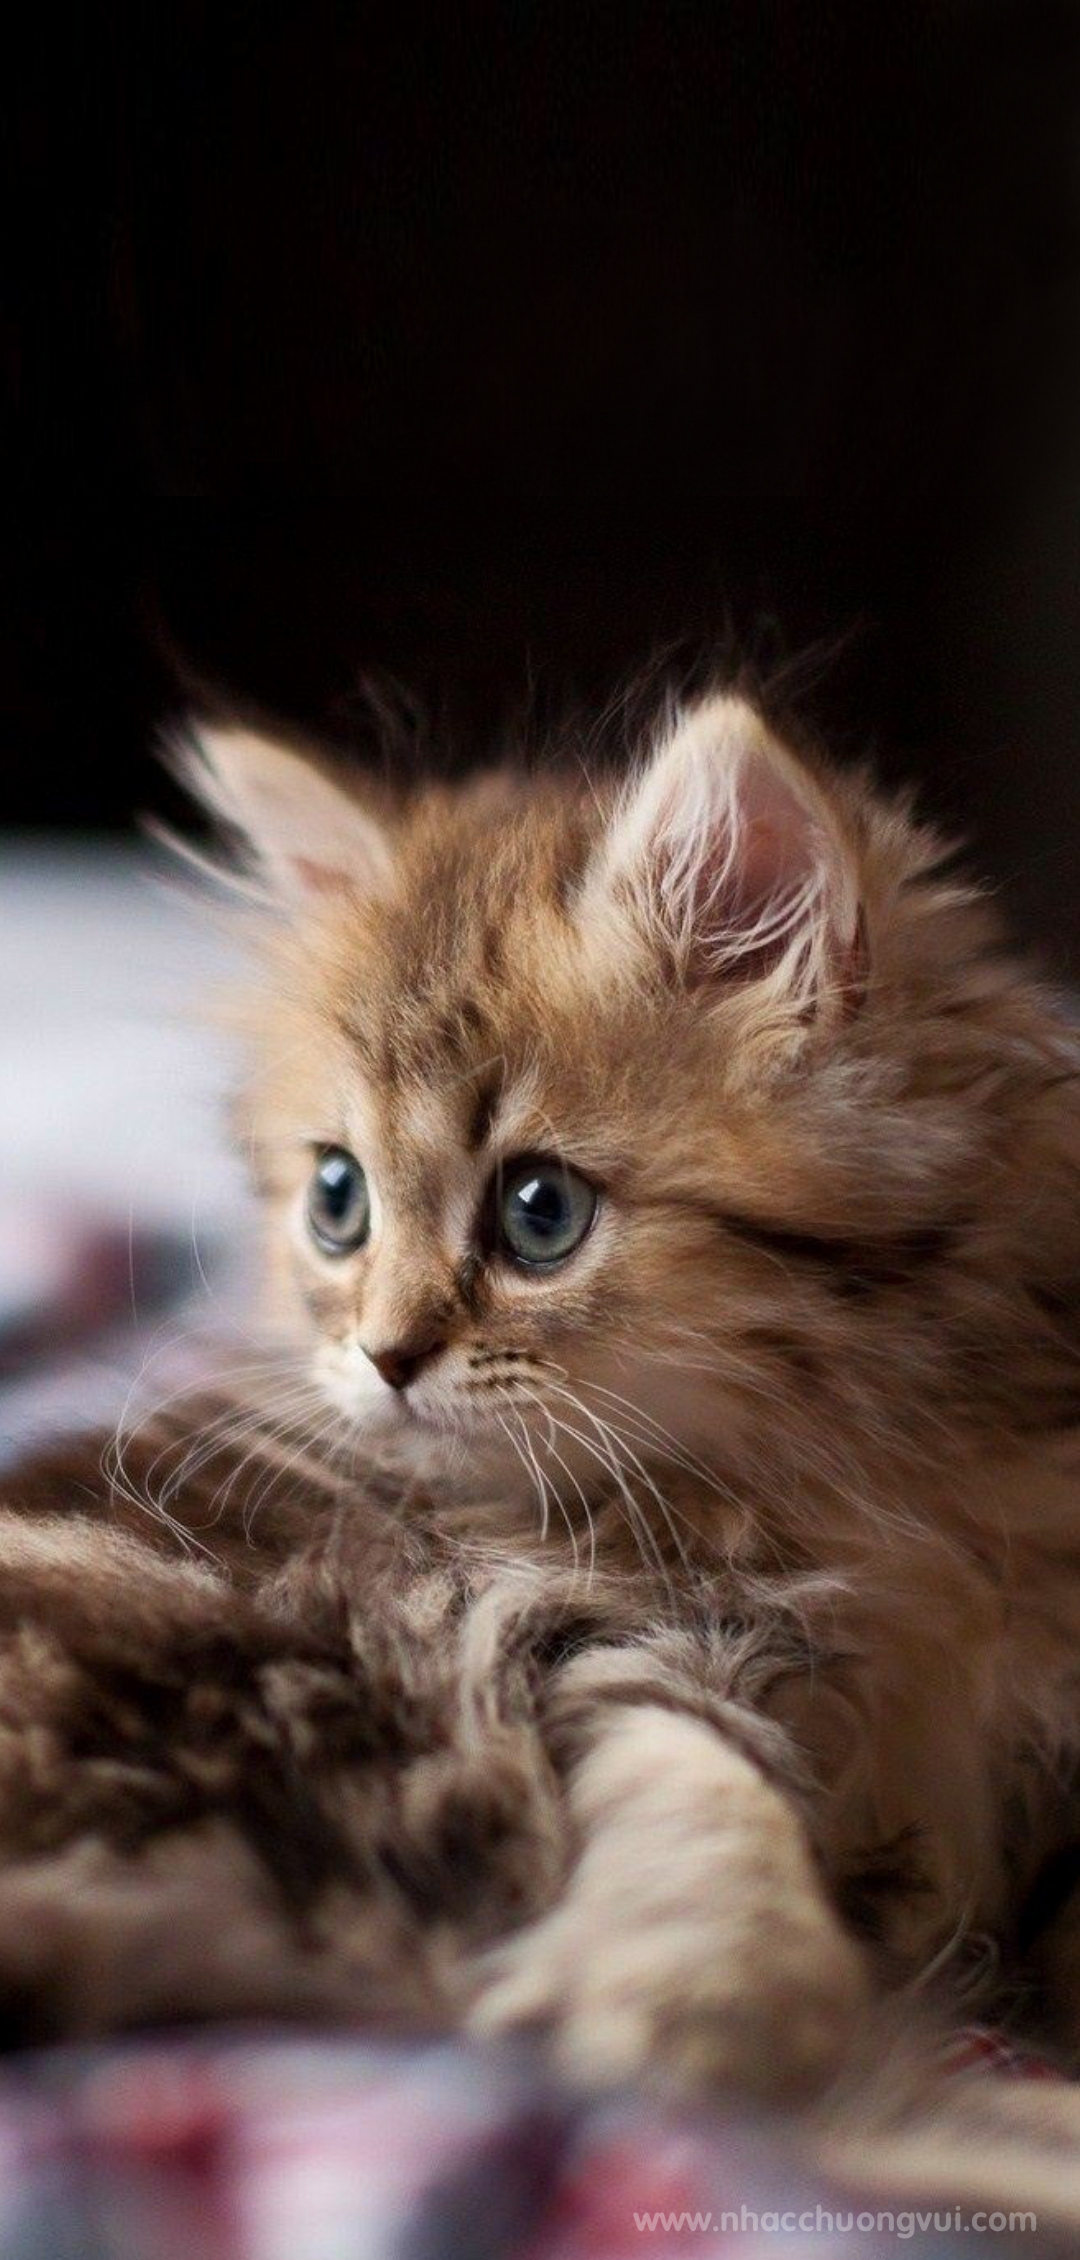 Hình nền mèo cho điện thoại dễ thương nhất 25